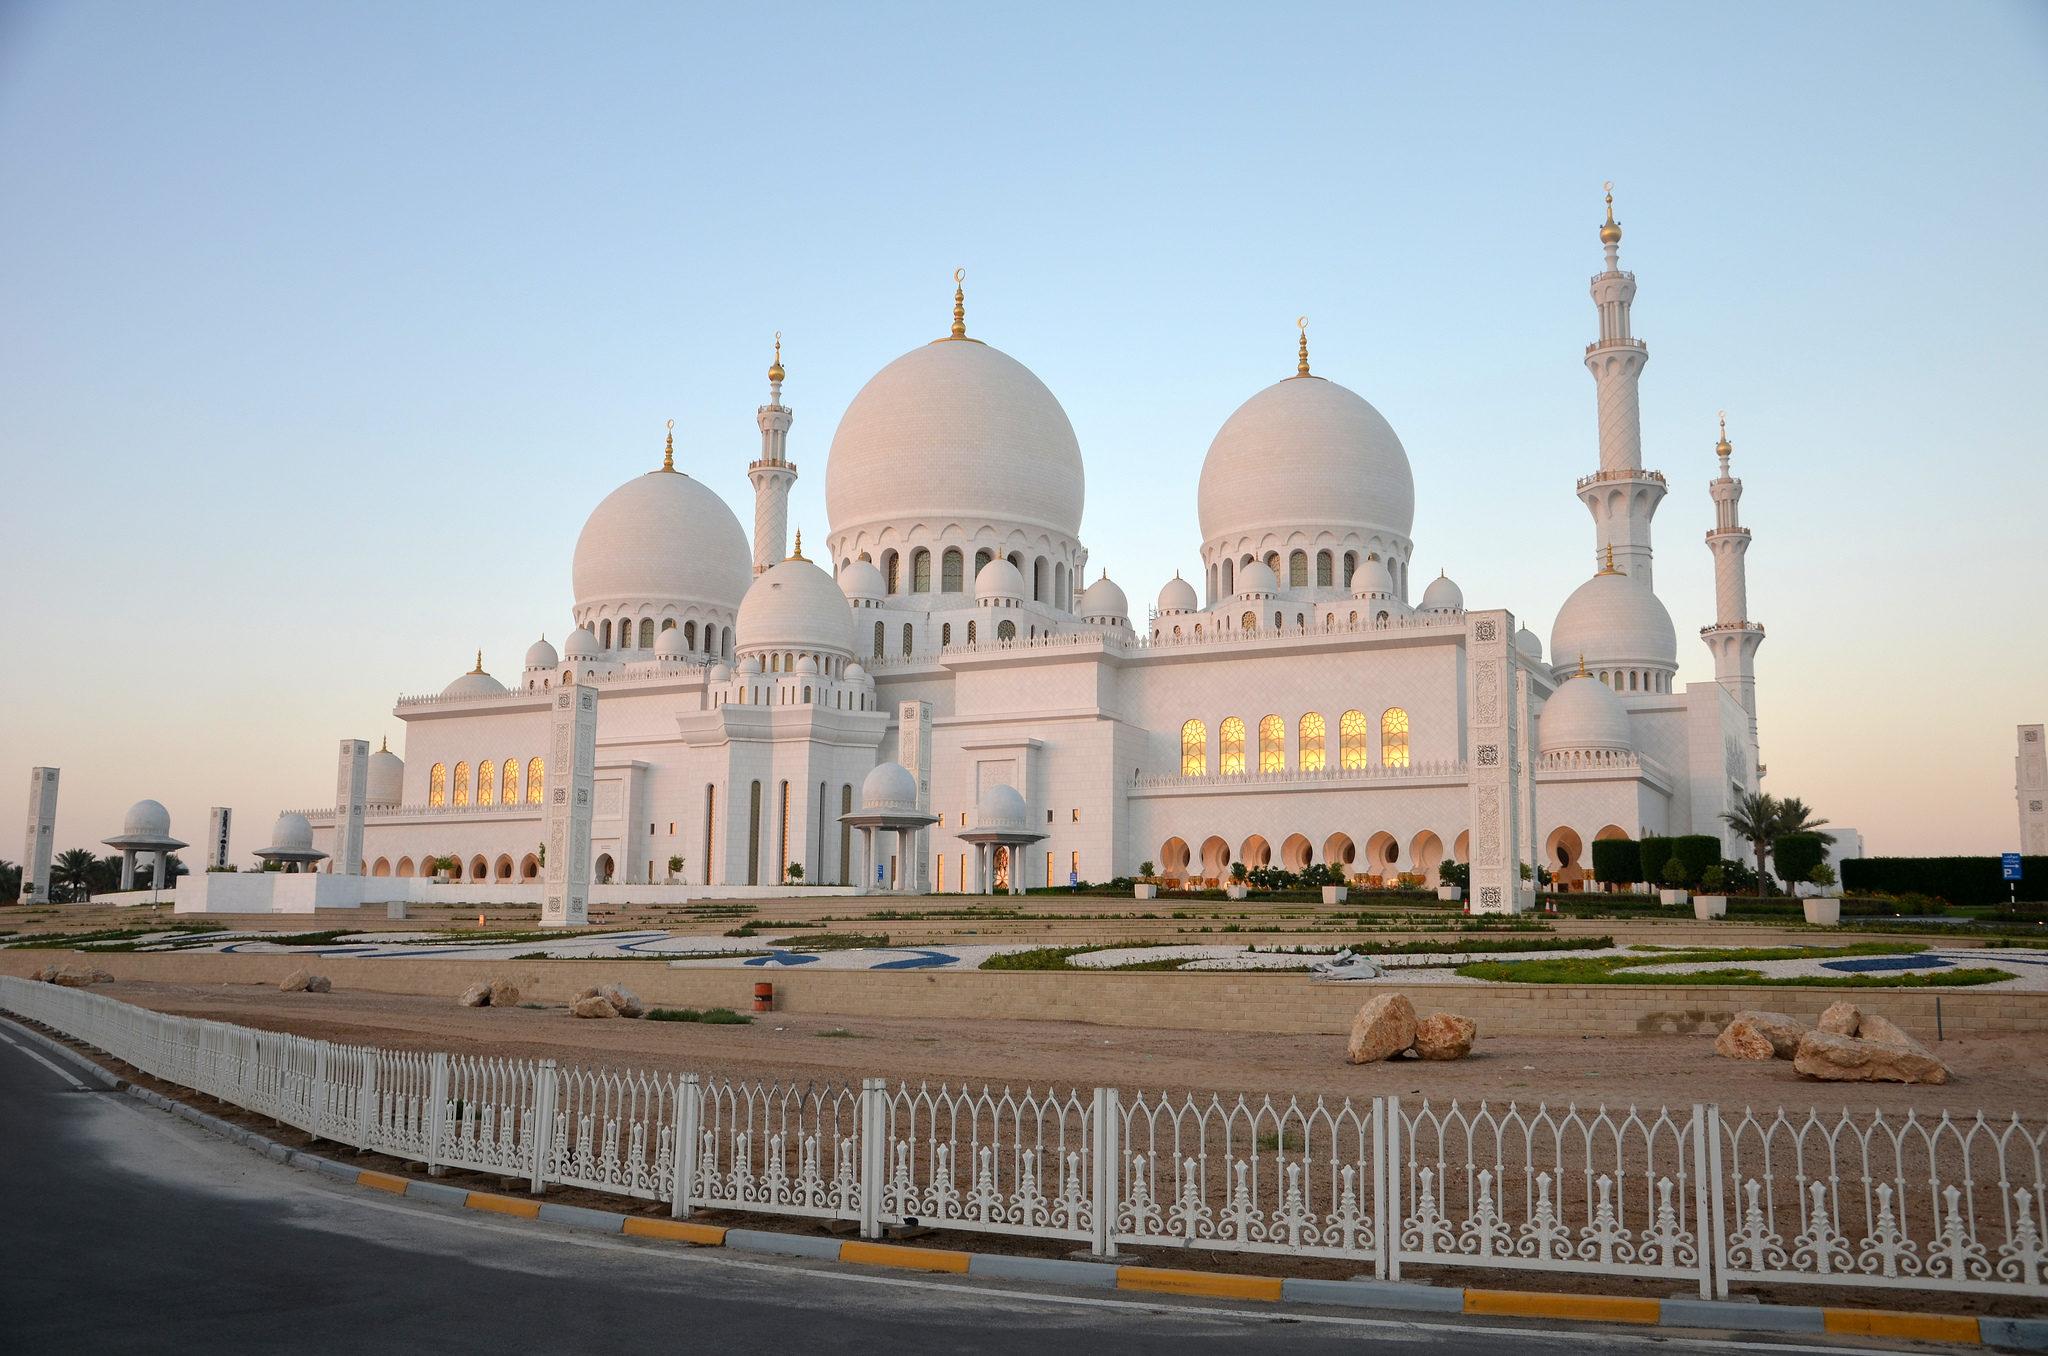 Дубай резиденция шейха недвижимость будва